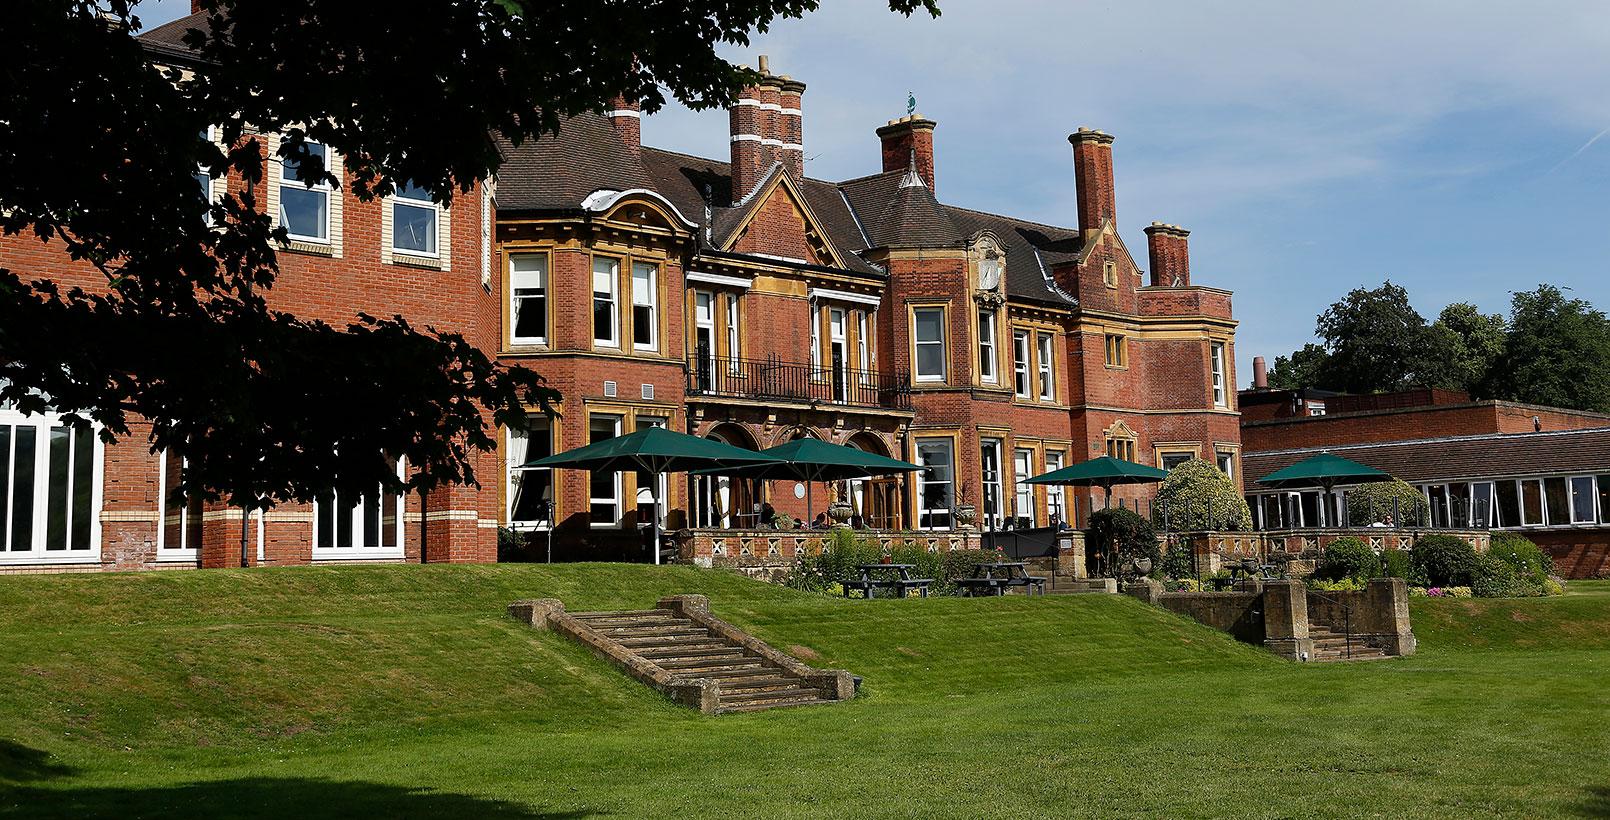 The Moor Hall Hotel